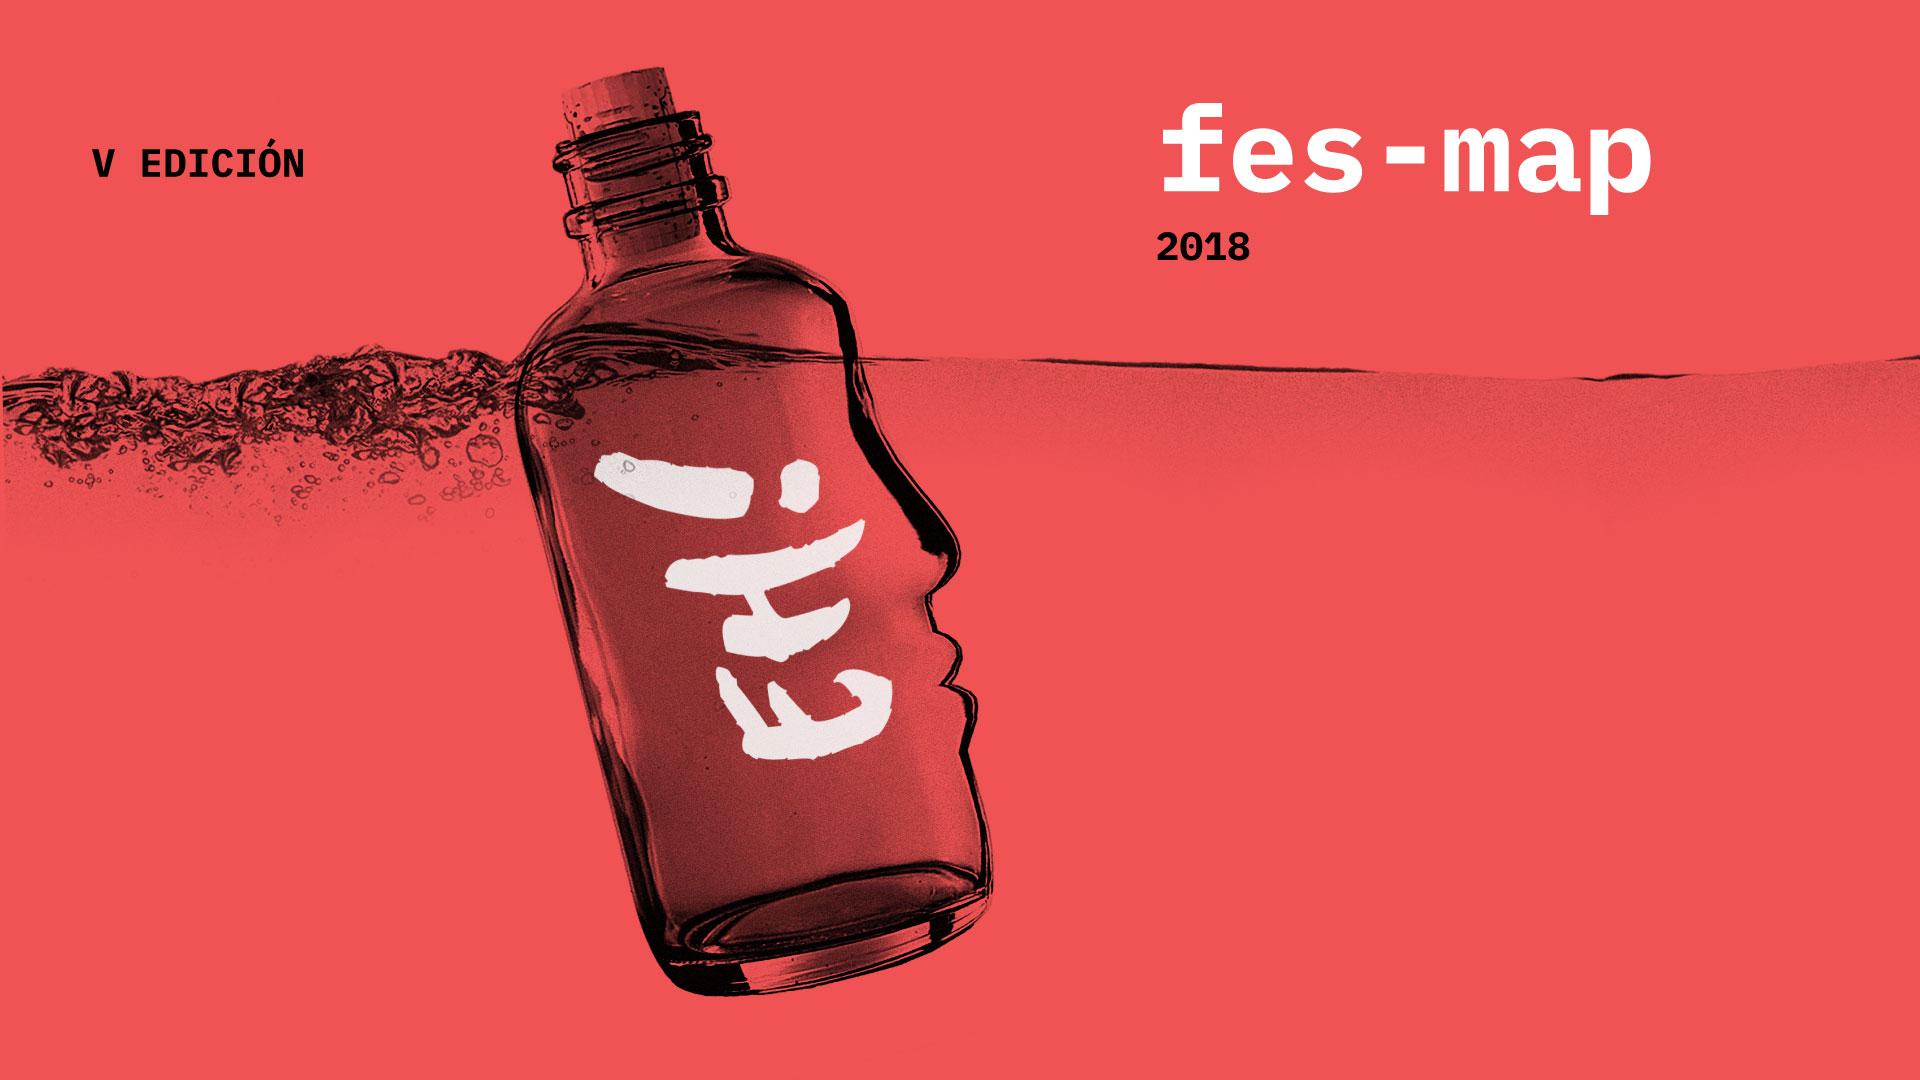 Fes-map 2018